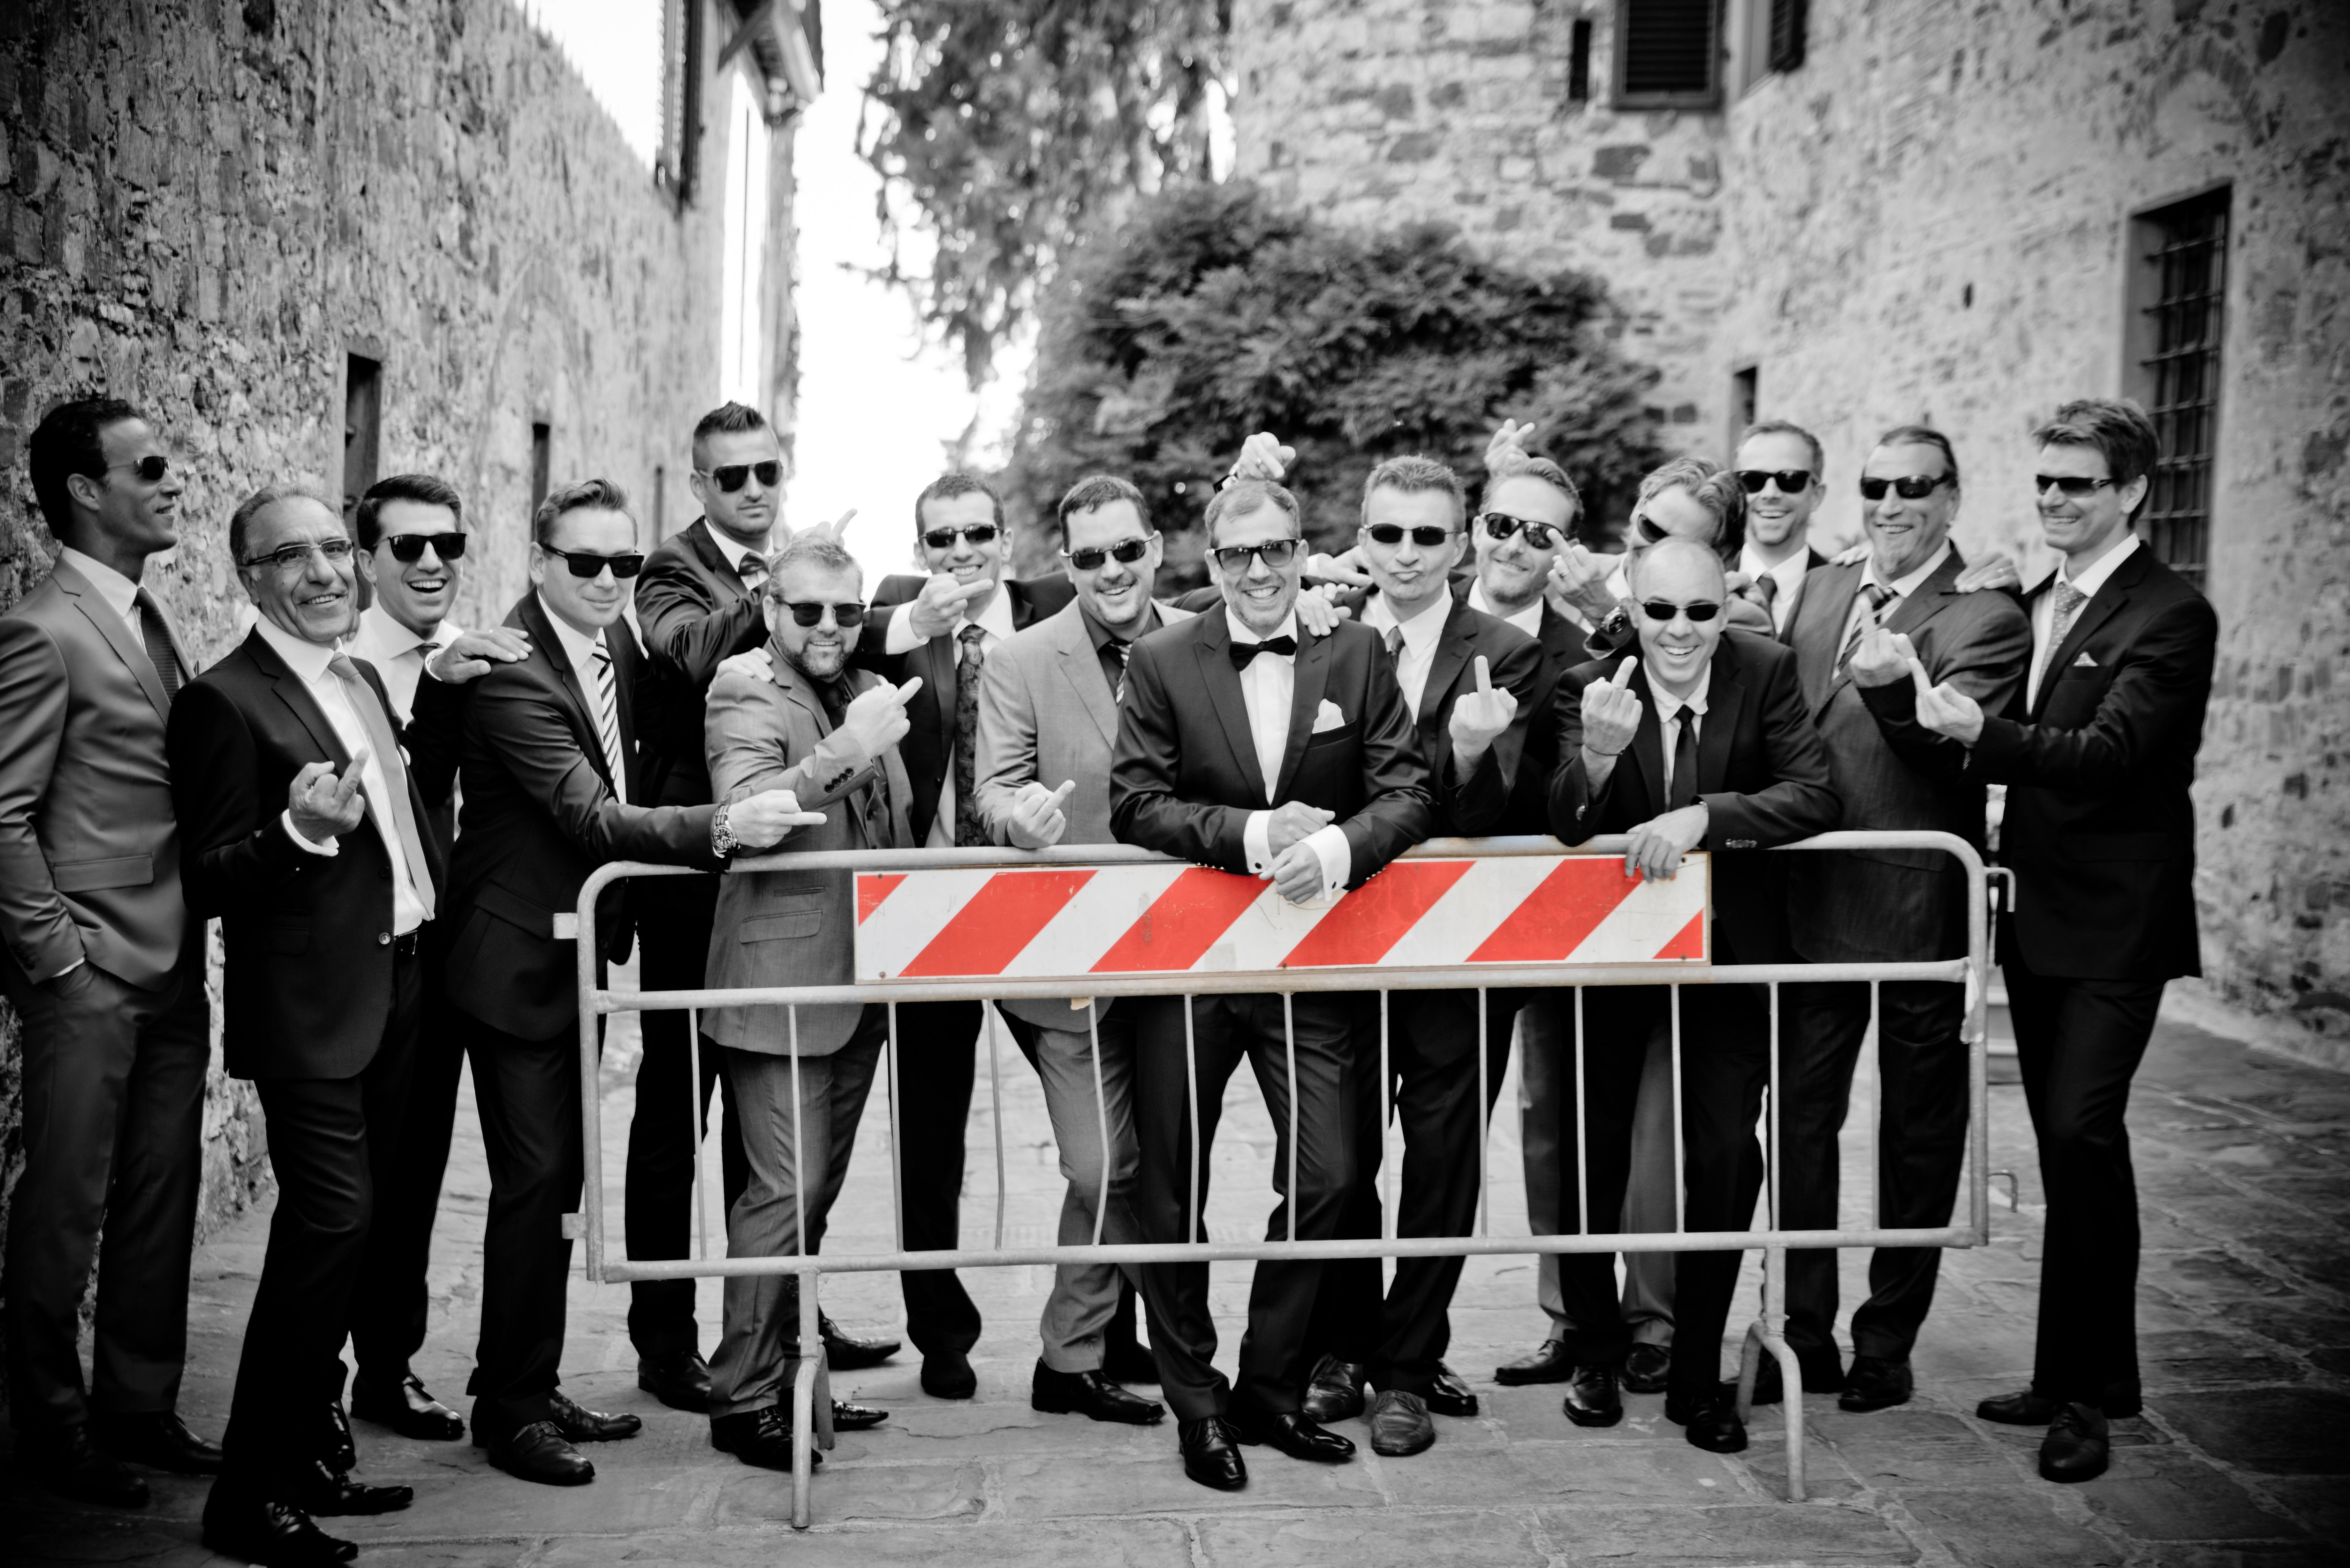 Hochzeitsfotograf Stuttgart |Hochzeitsfotografie Stuttgart | Hochzeitsfotos Stuttgart | Fotobox